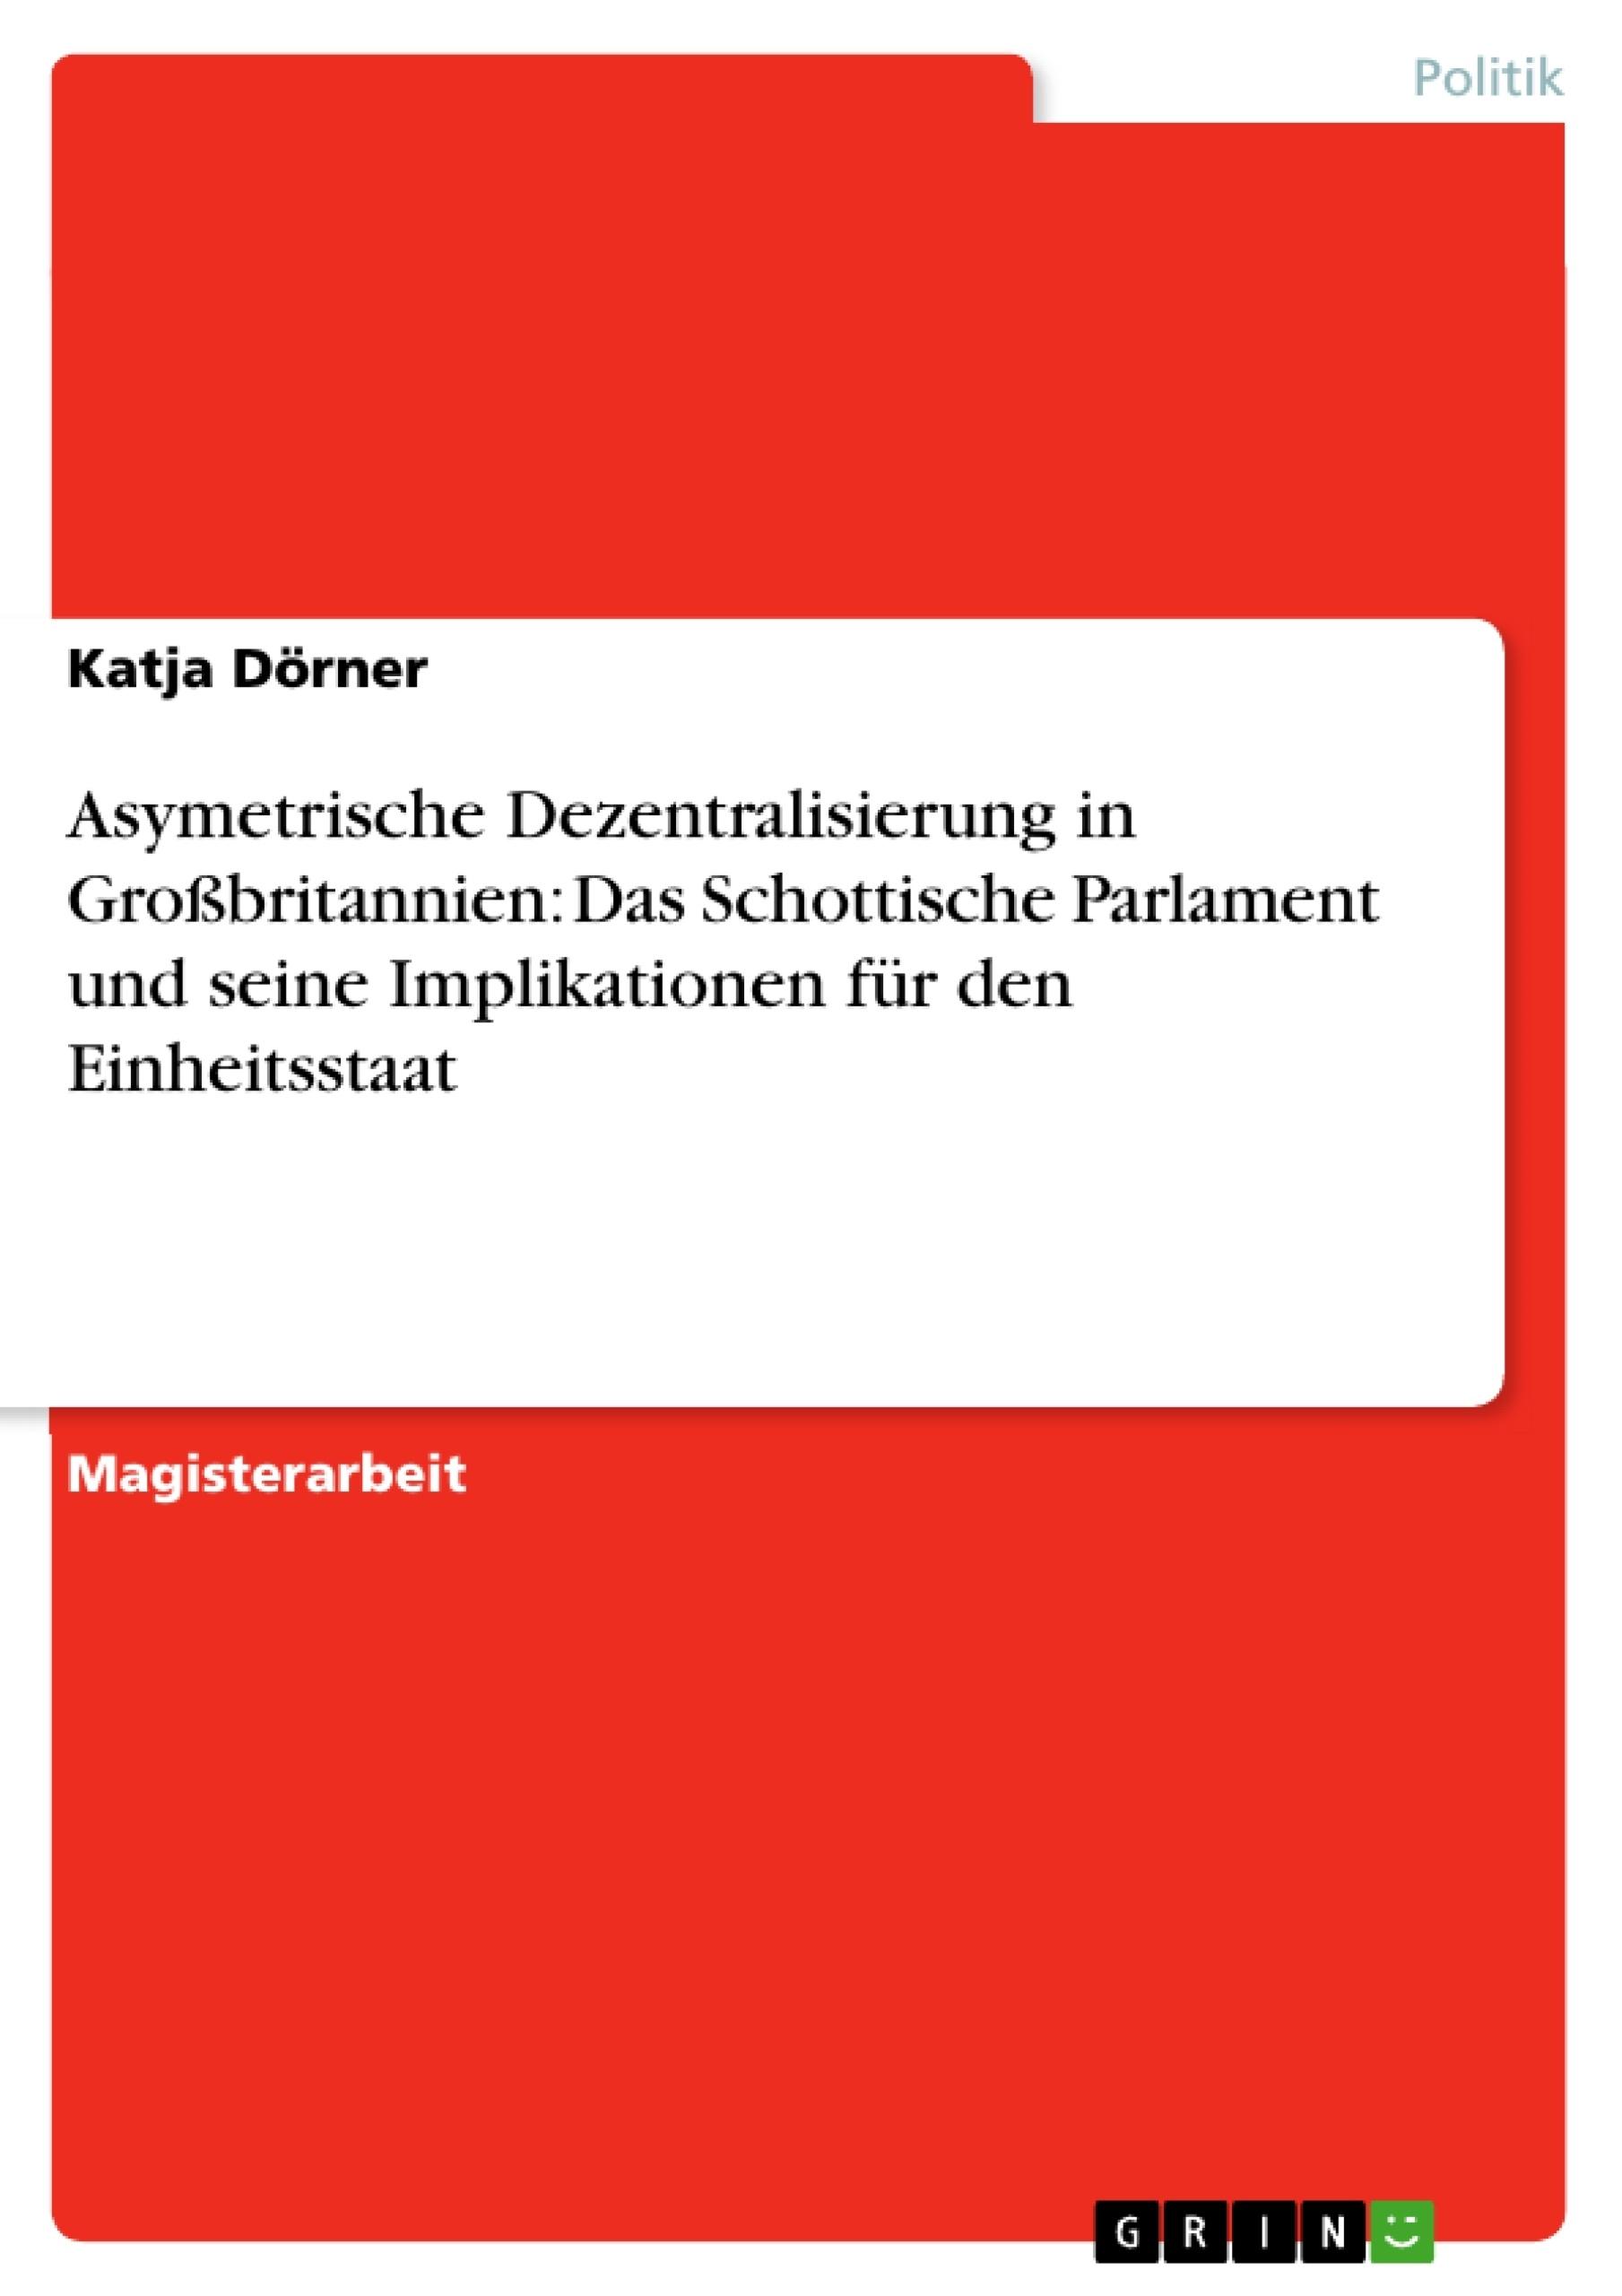 Titel: Asymetrische Dezentralisierung in Großbritannien: Das Schottische Parlament und seine Implikationen für den Einheitsstaat